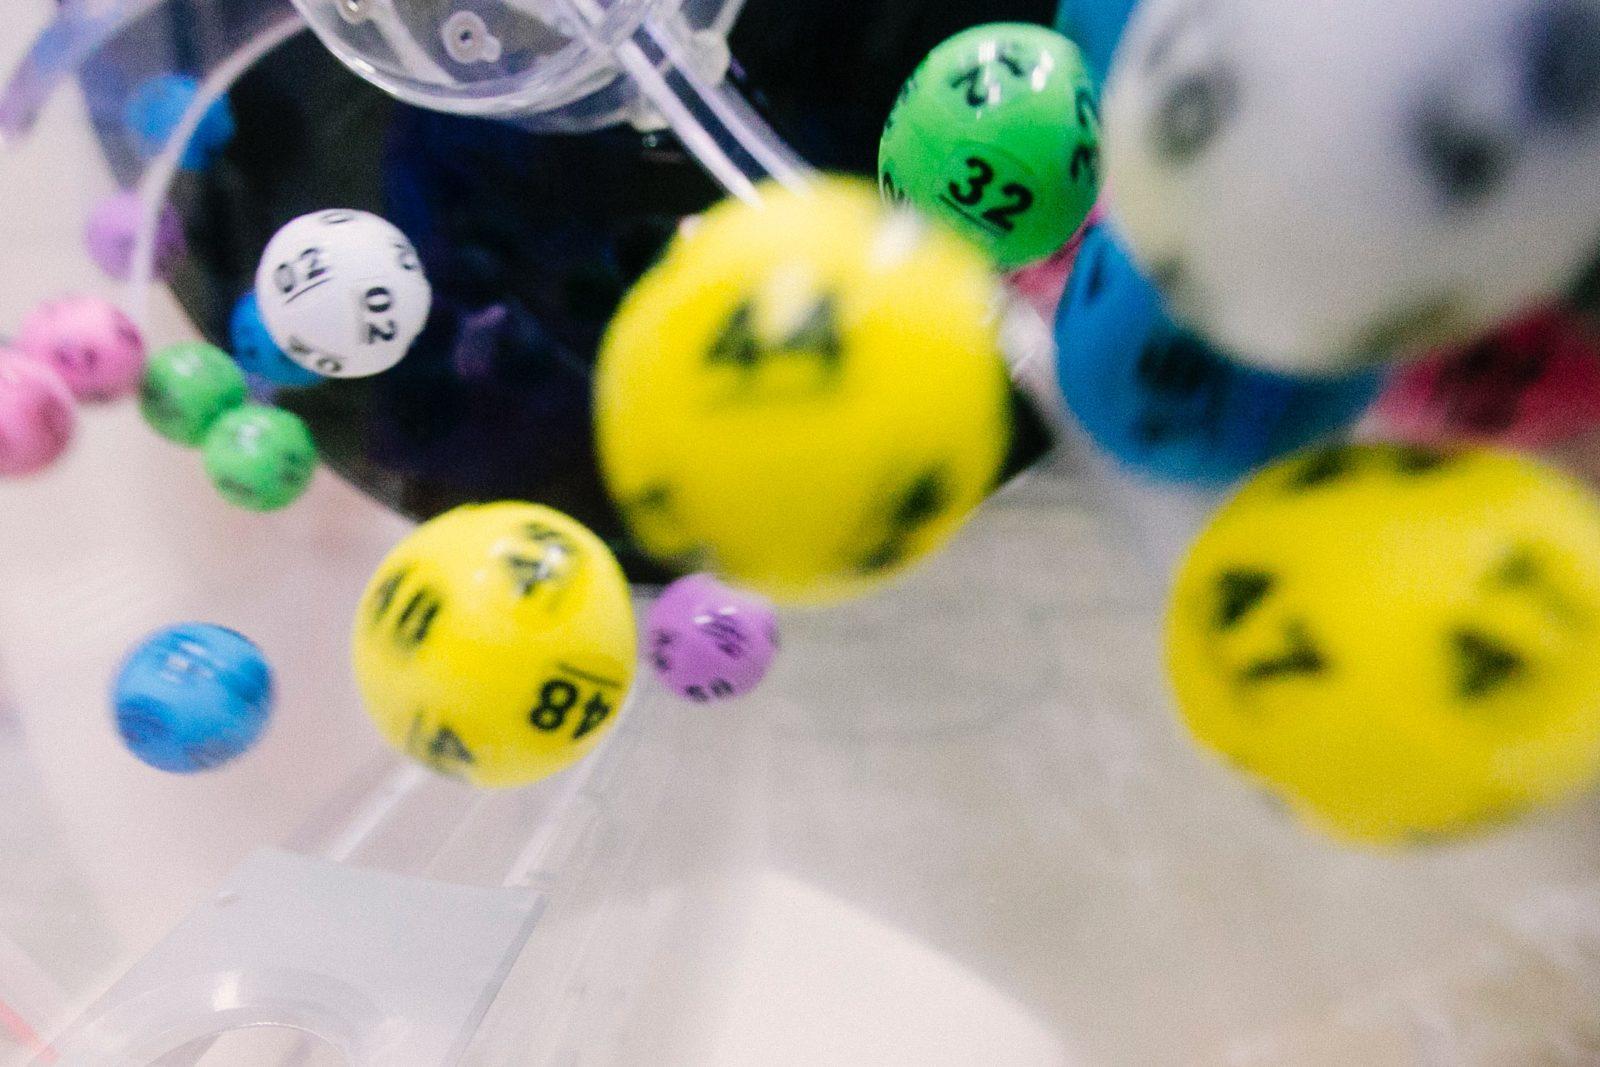 Unterschied zwischen Gewinnspielen und Glückspielen im Internet